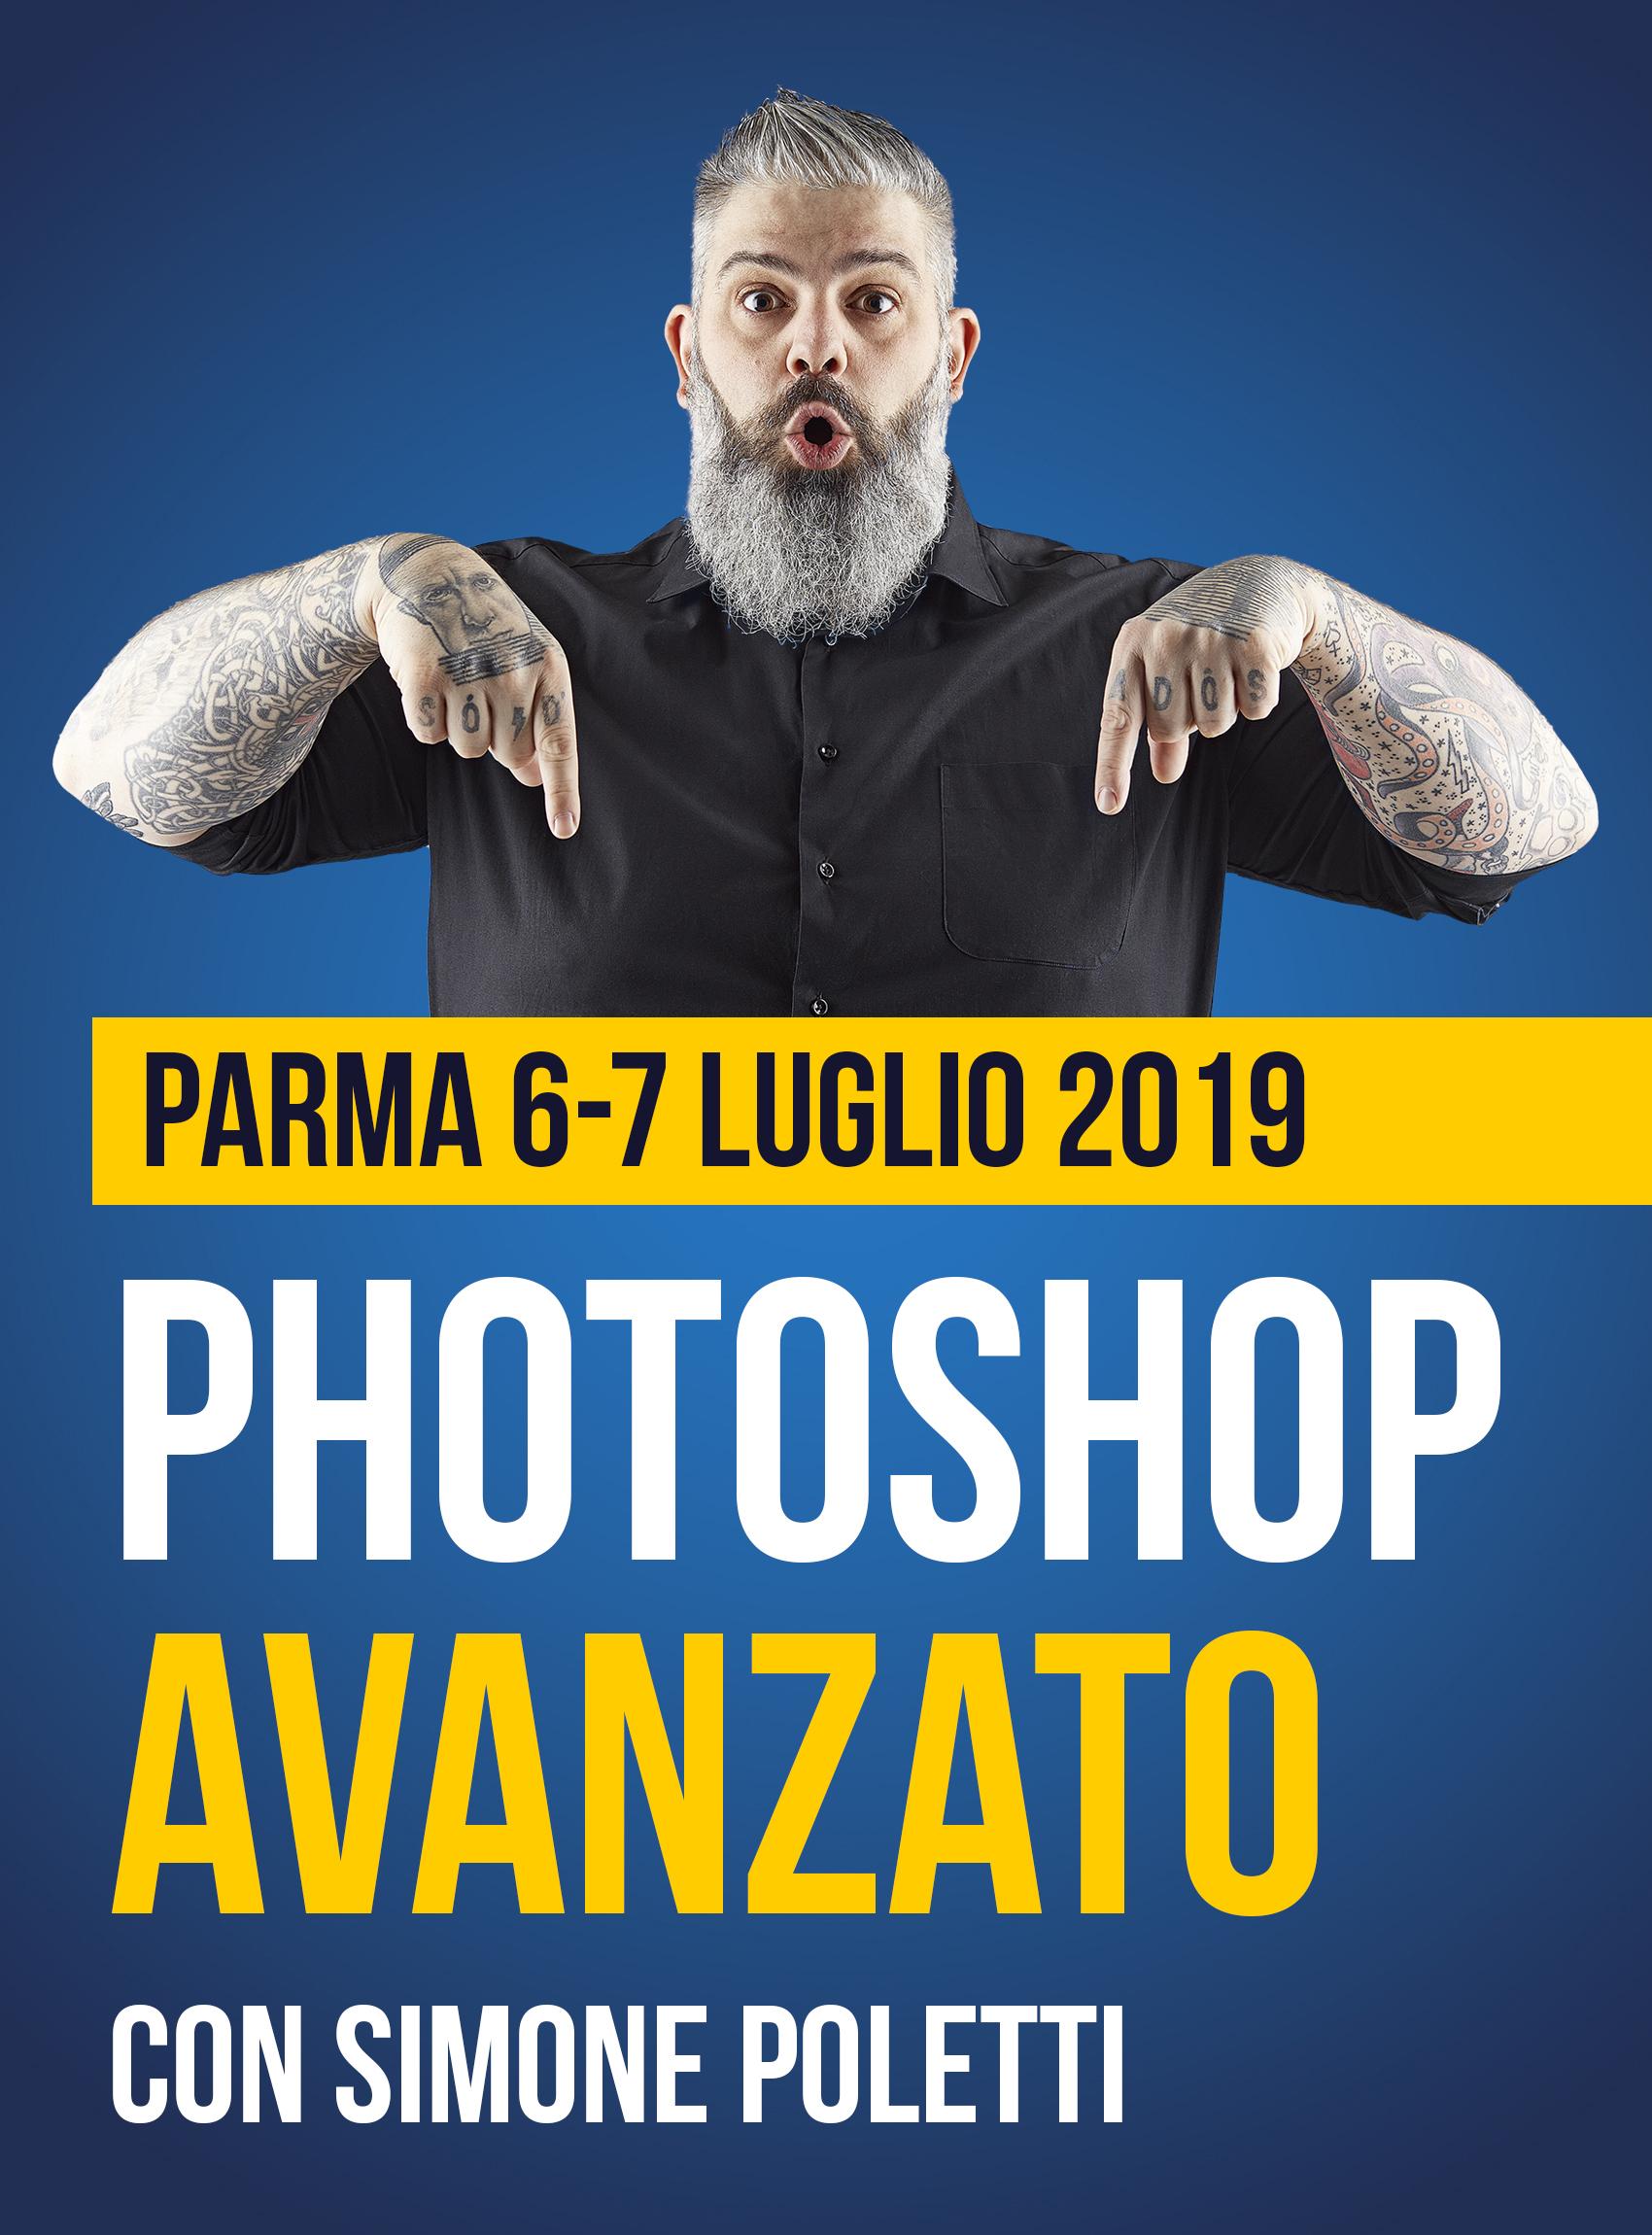 Workshop Photoshop Avanzato